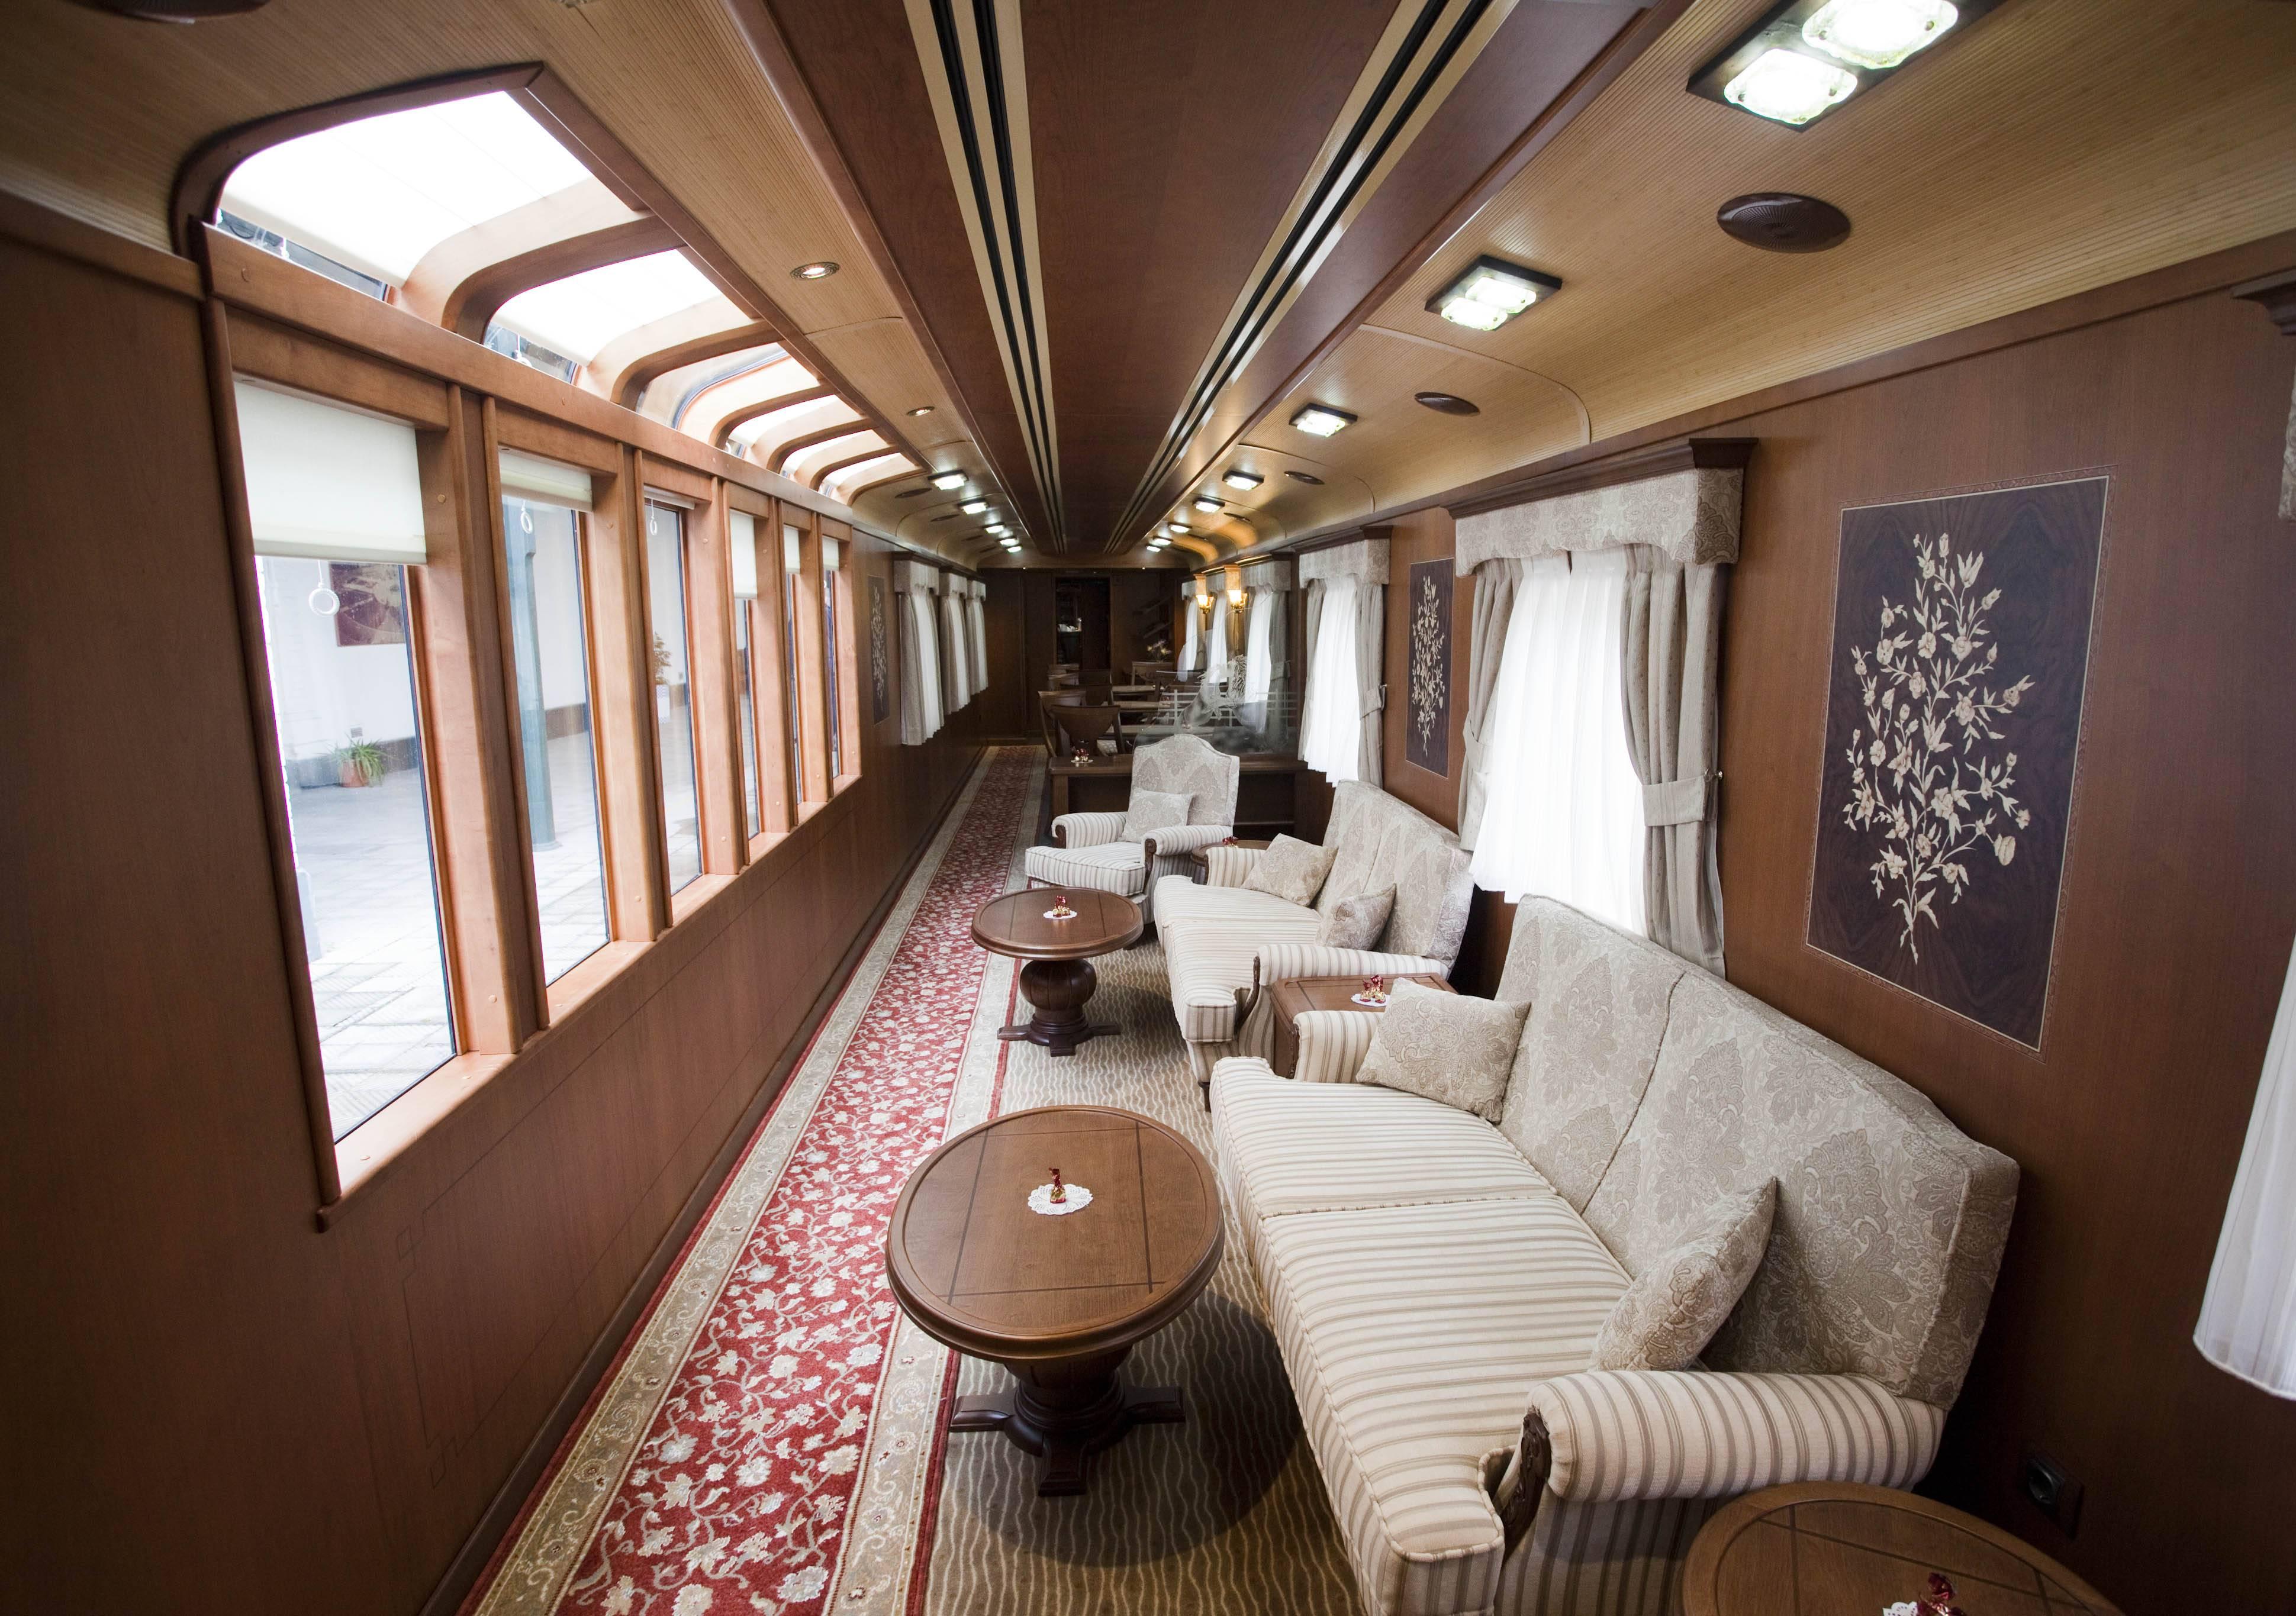 El Transcantabrico Spain Luxury Train - 5